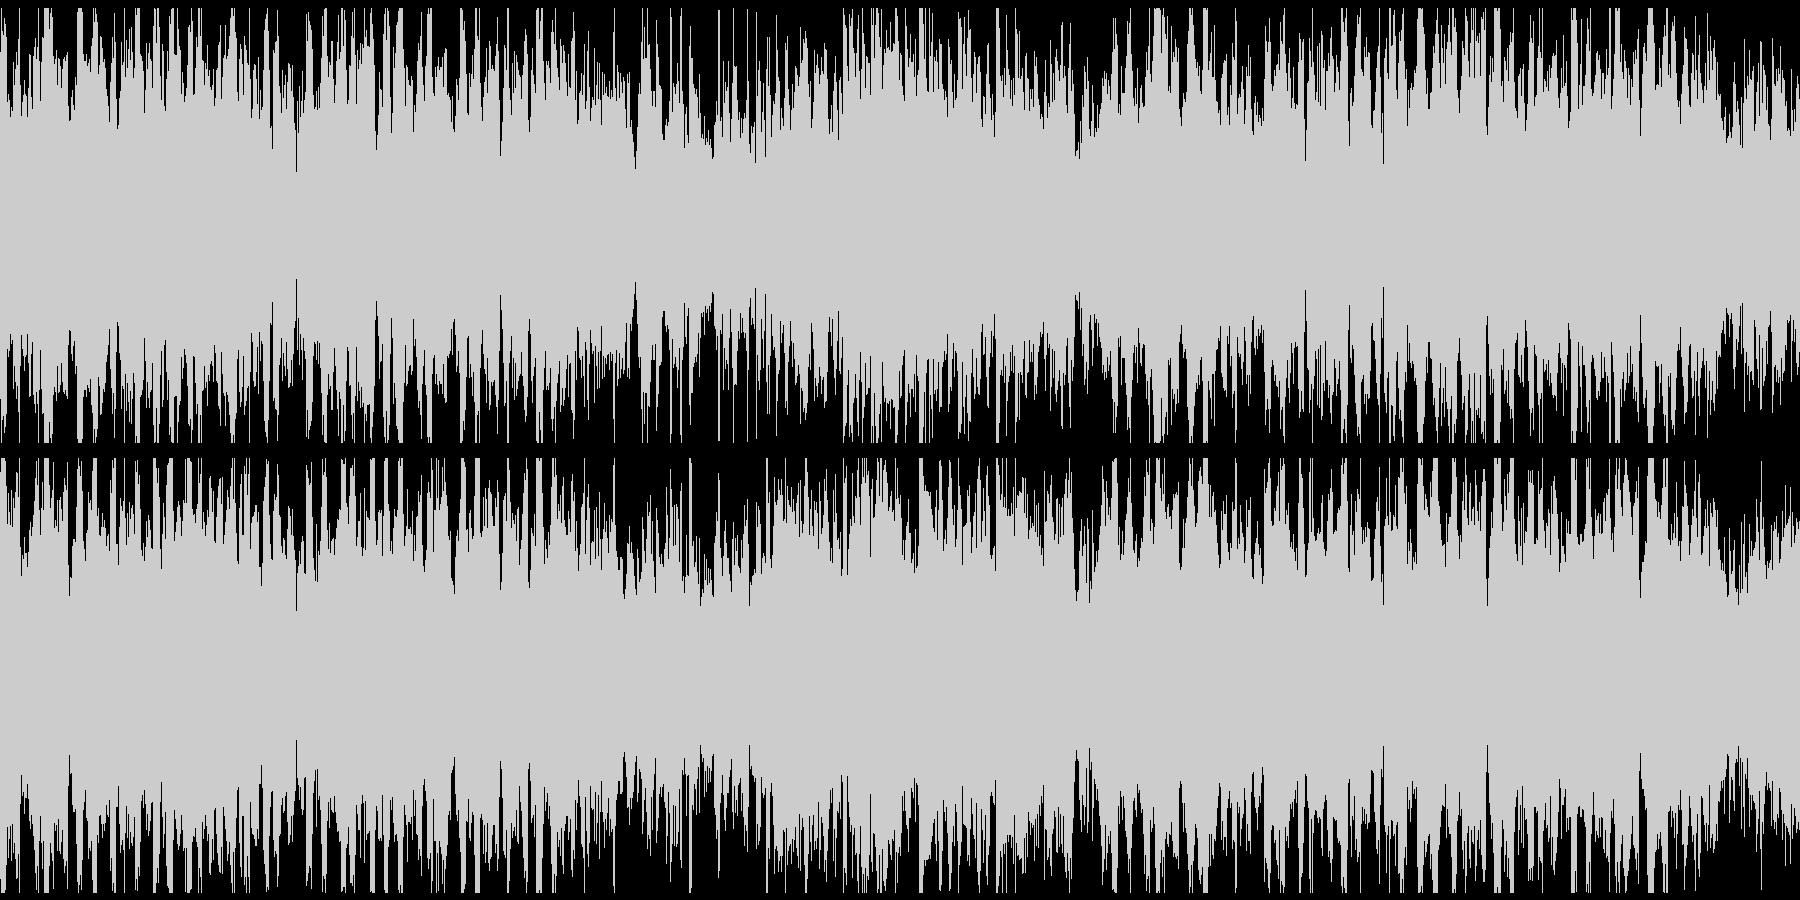 篠笛生演奏の和風EDM ※ループ仕様版の未再生の波形